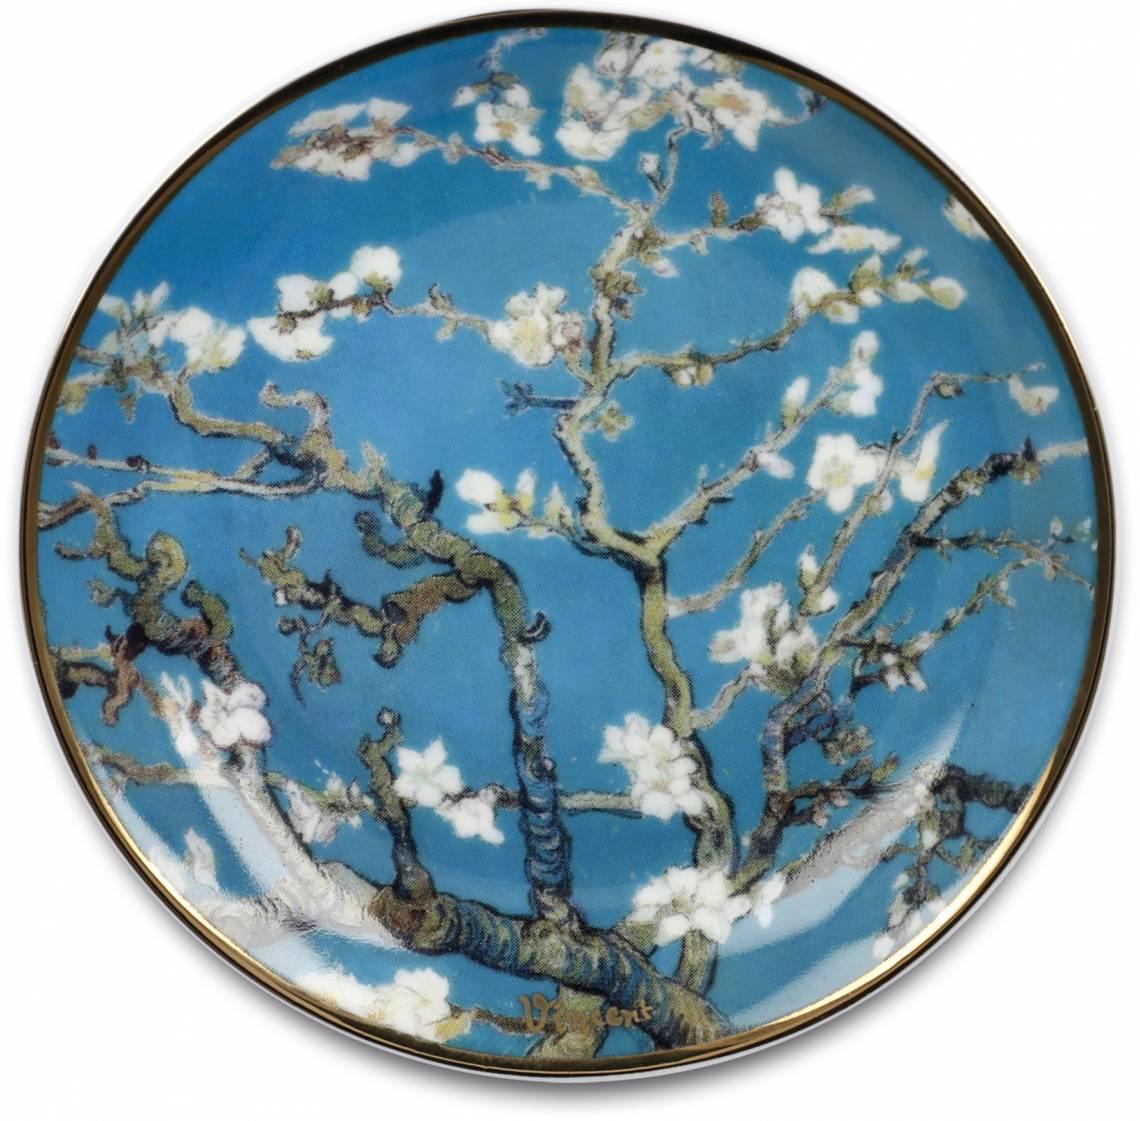 Artis Orbis - van Gogh - Mandelbaum blau - Miniteller Ø 10 cm